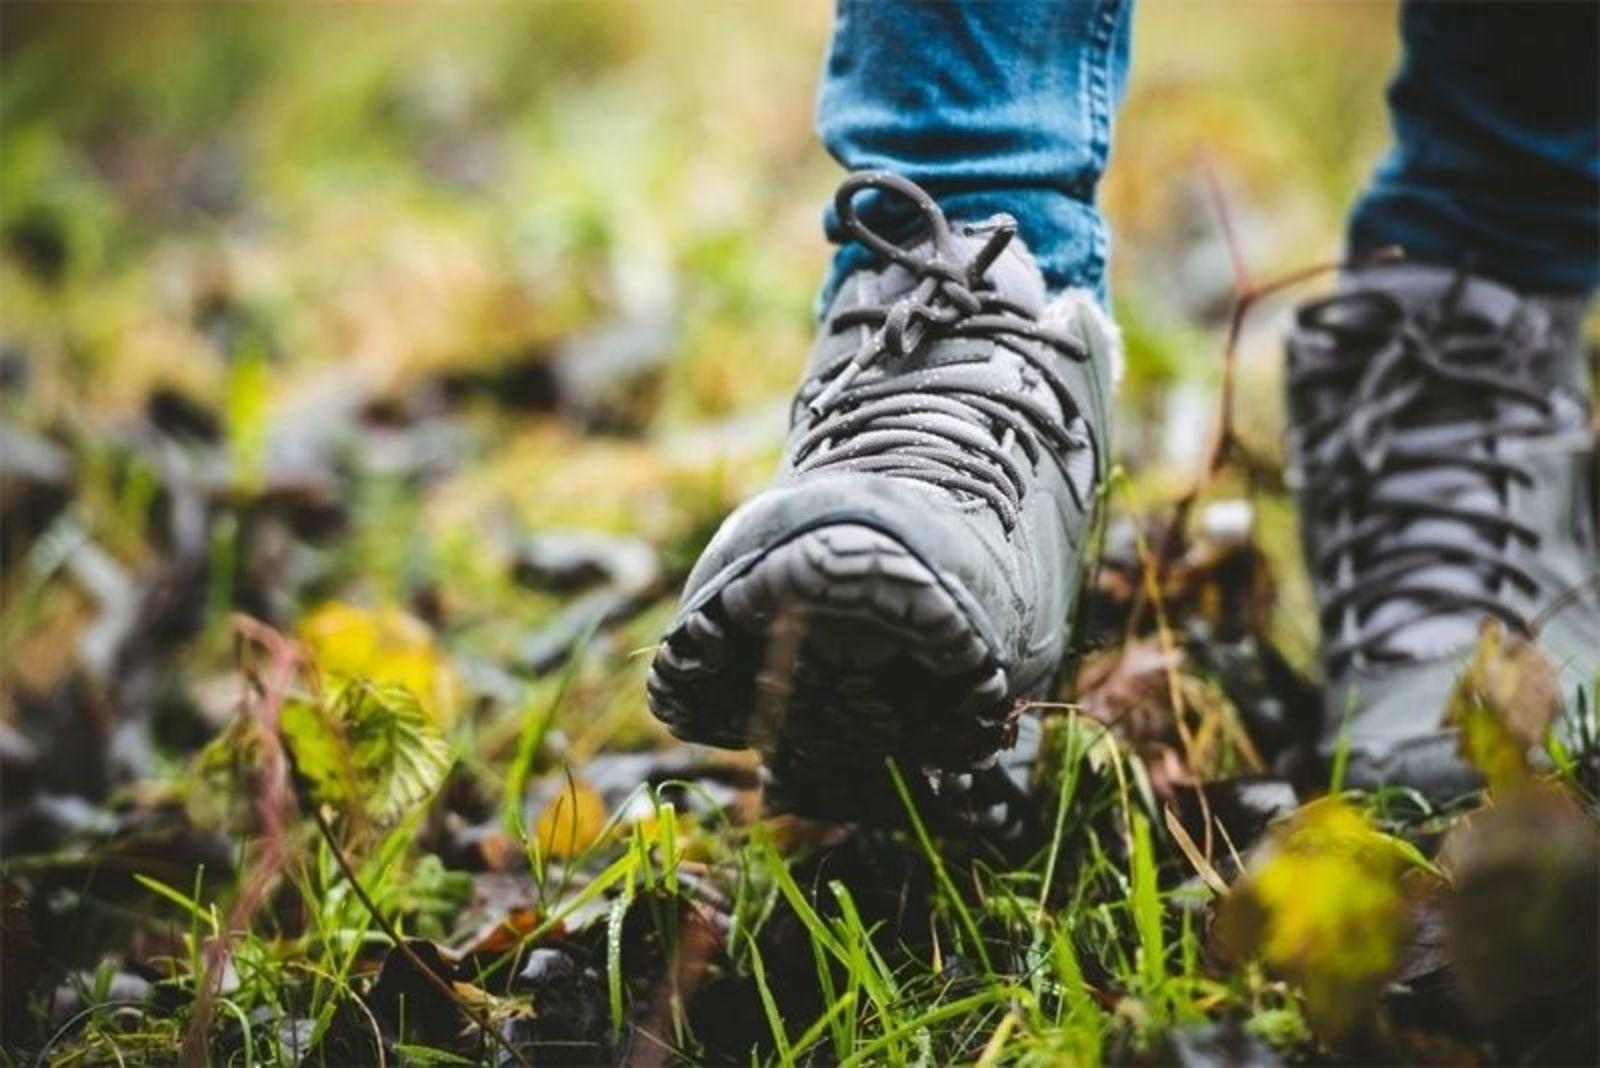 Reggestreek Wandel4daagse, kamperen 5 nachten - 2019